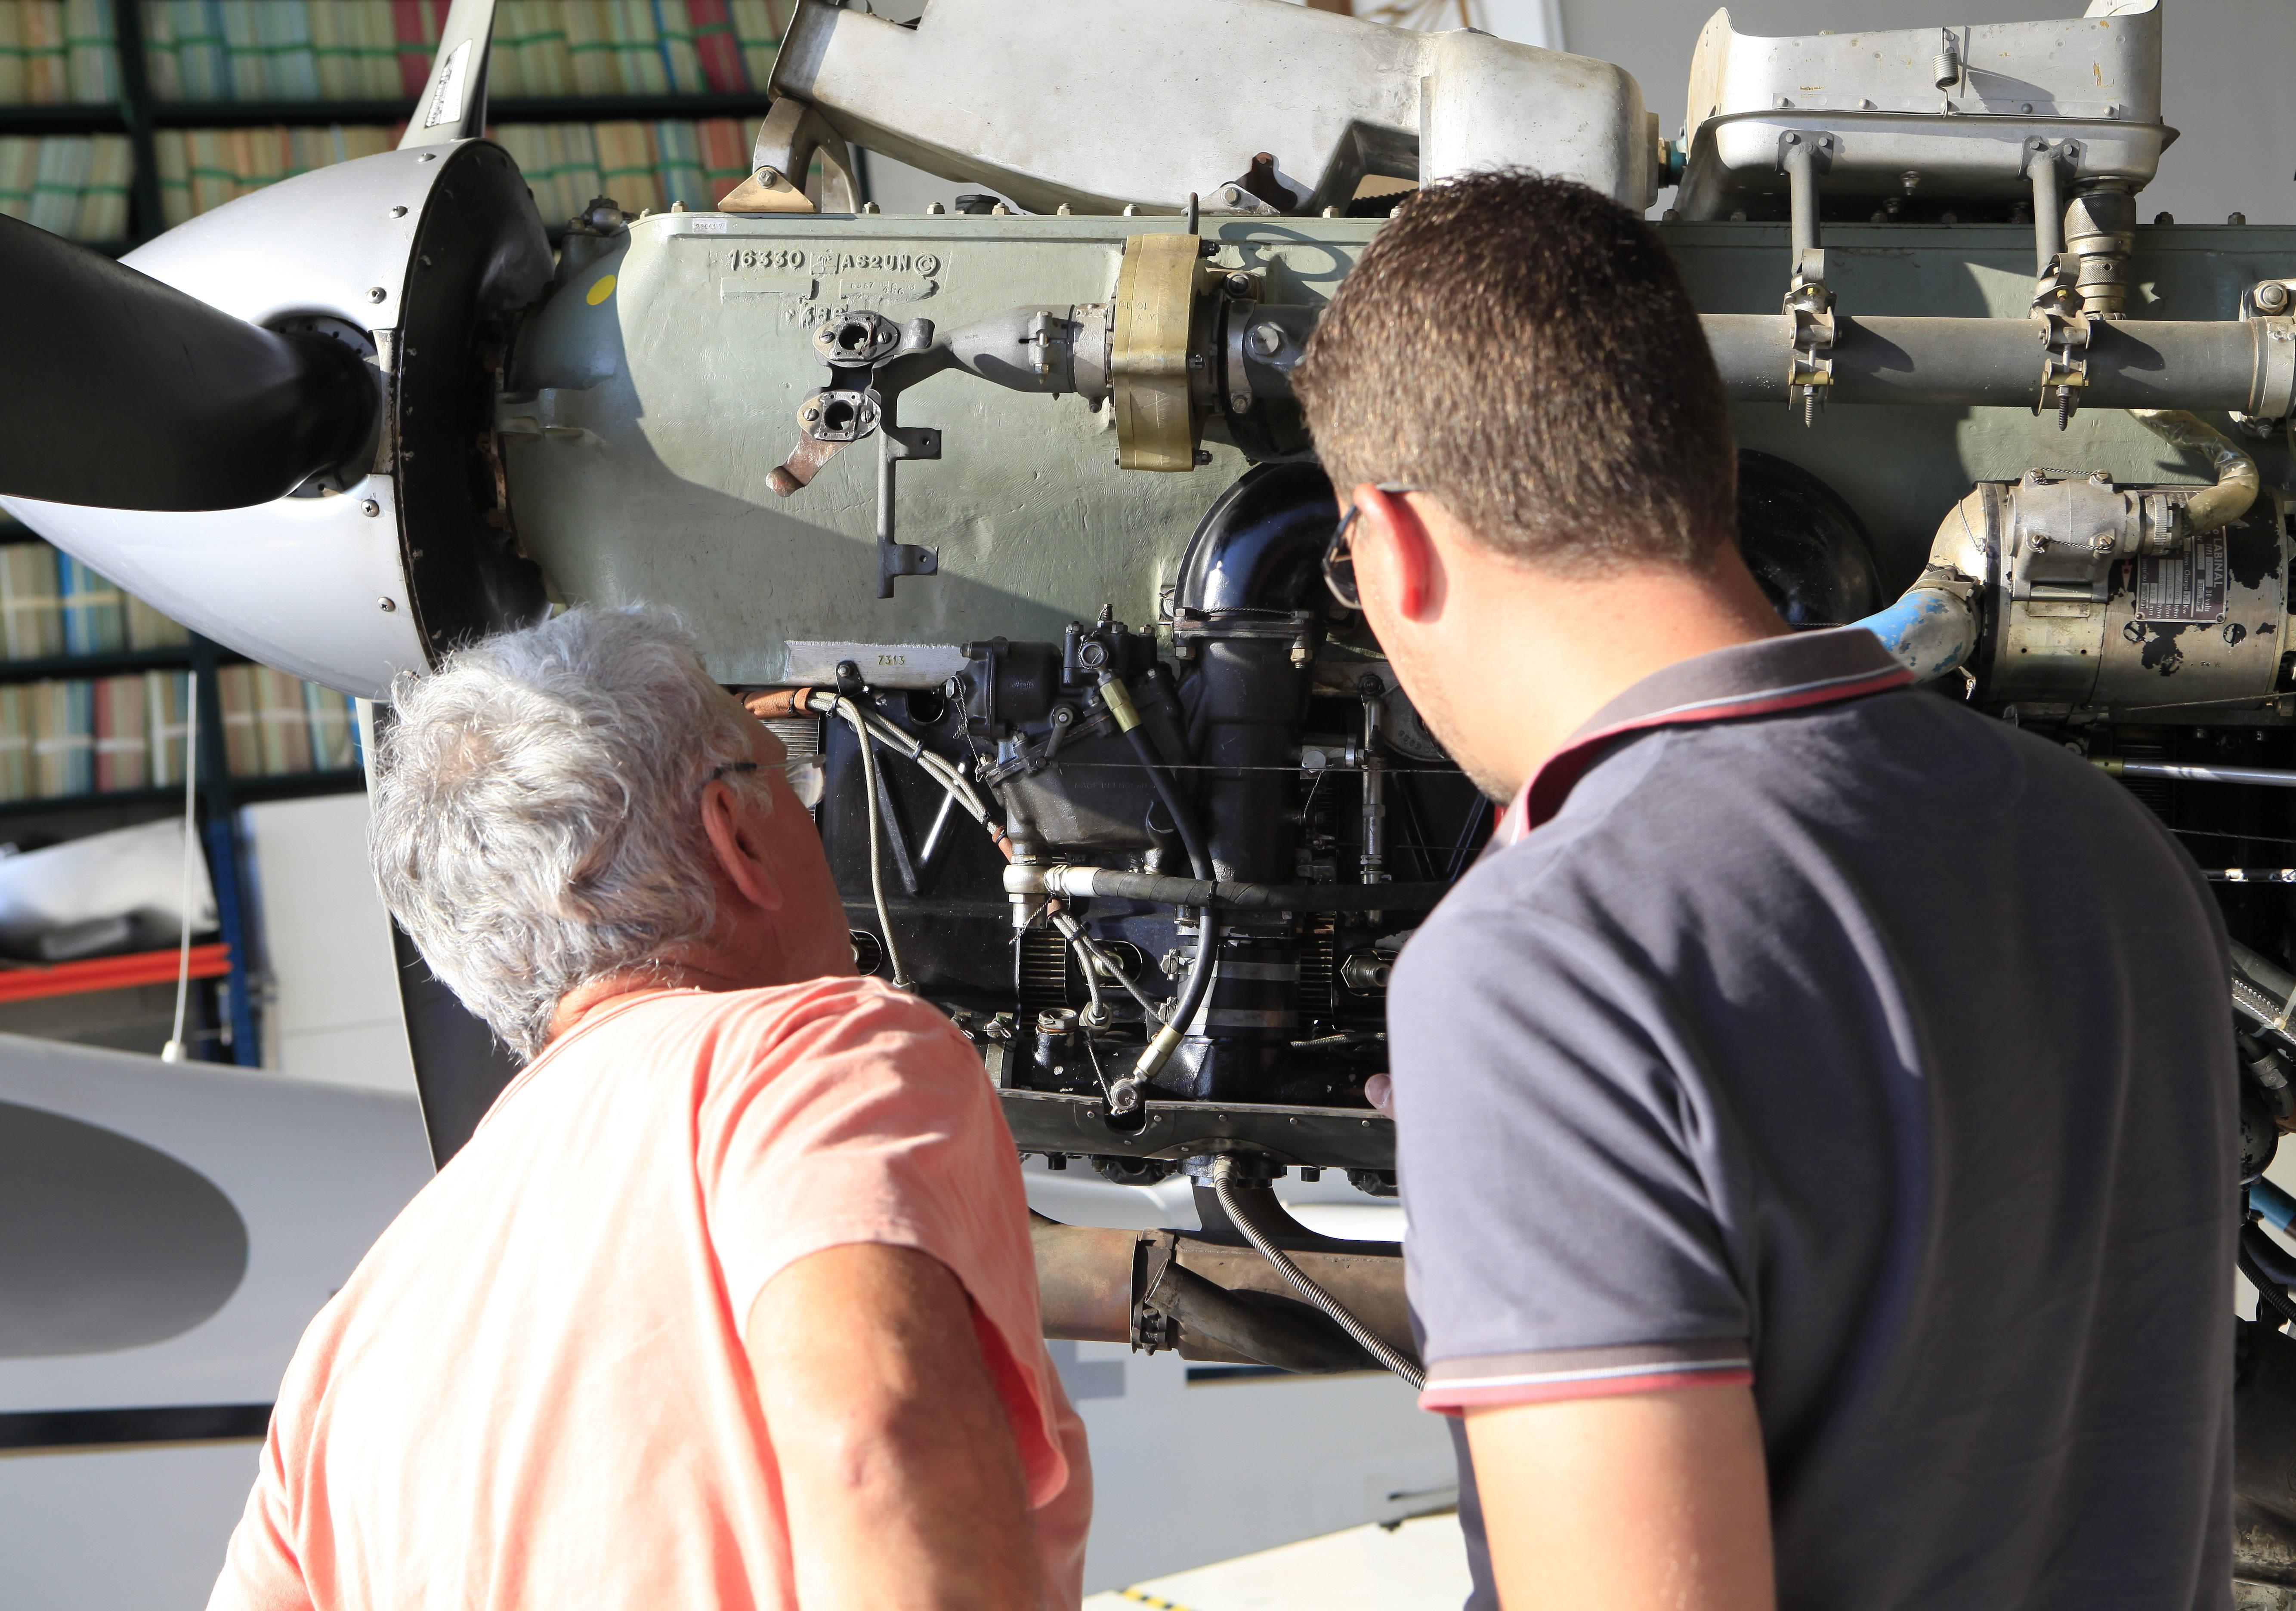 air projet recrute un m u00e9canicien  u2013 air projet  u2013 engineering